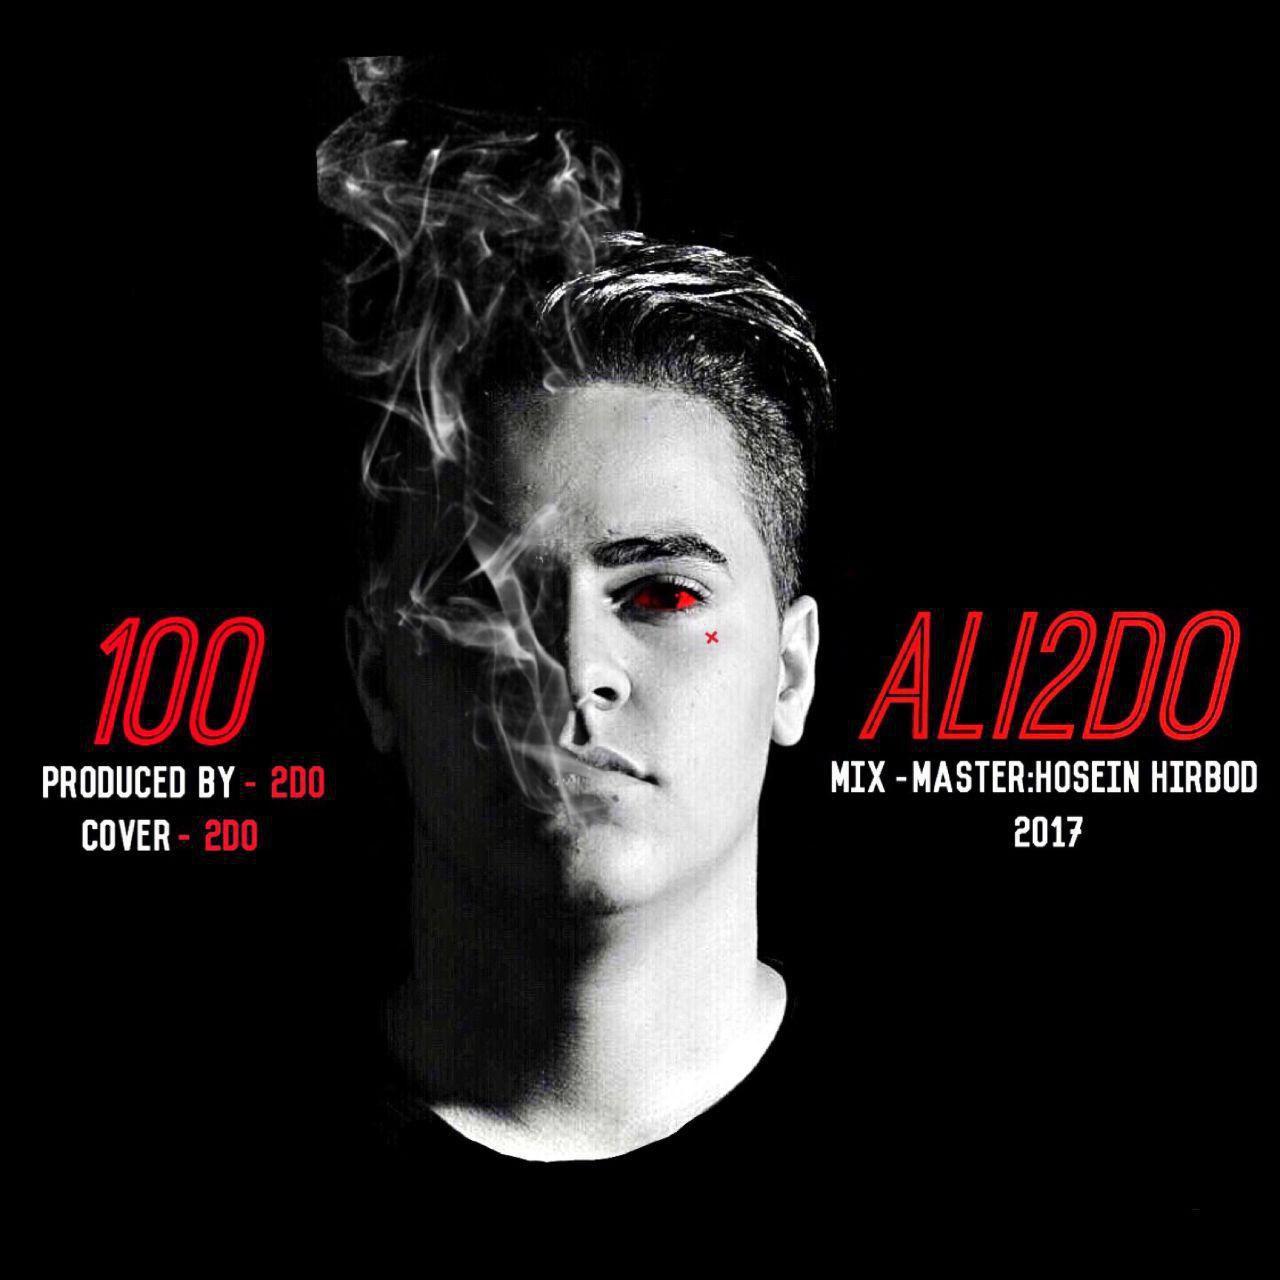 Ali 2do – 100